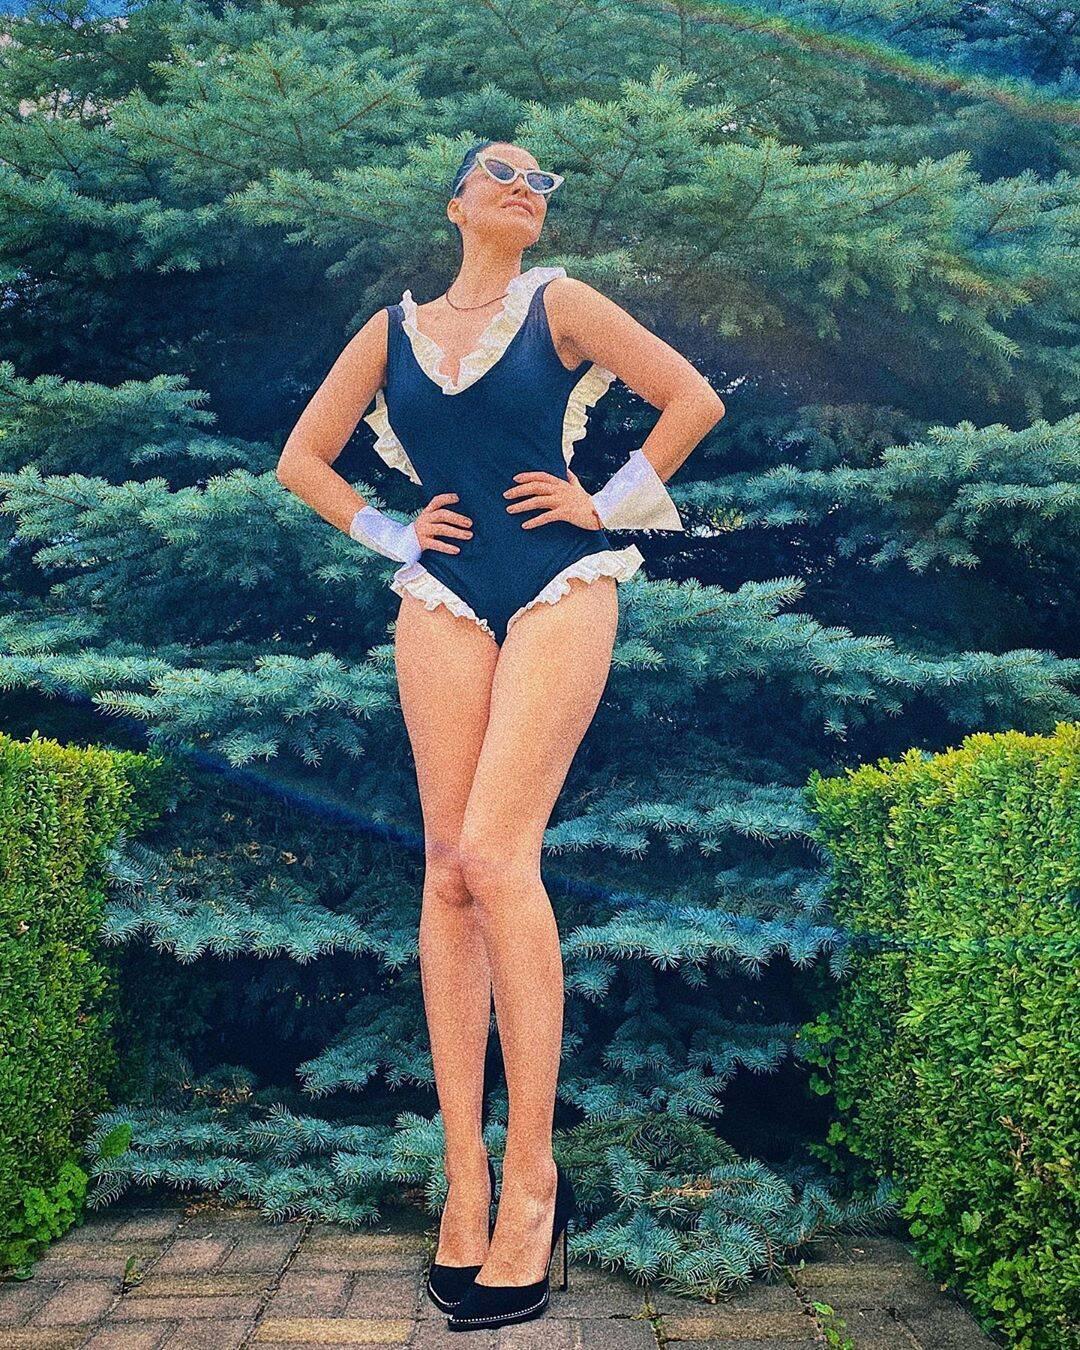 Астафьева похвасталась фигурой в купальнике